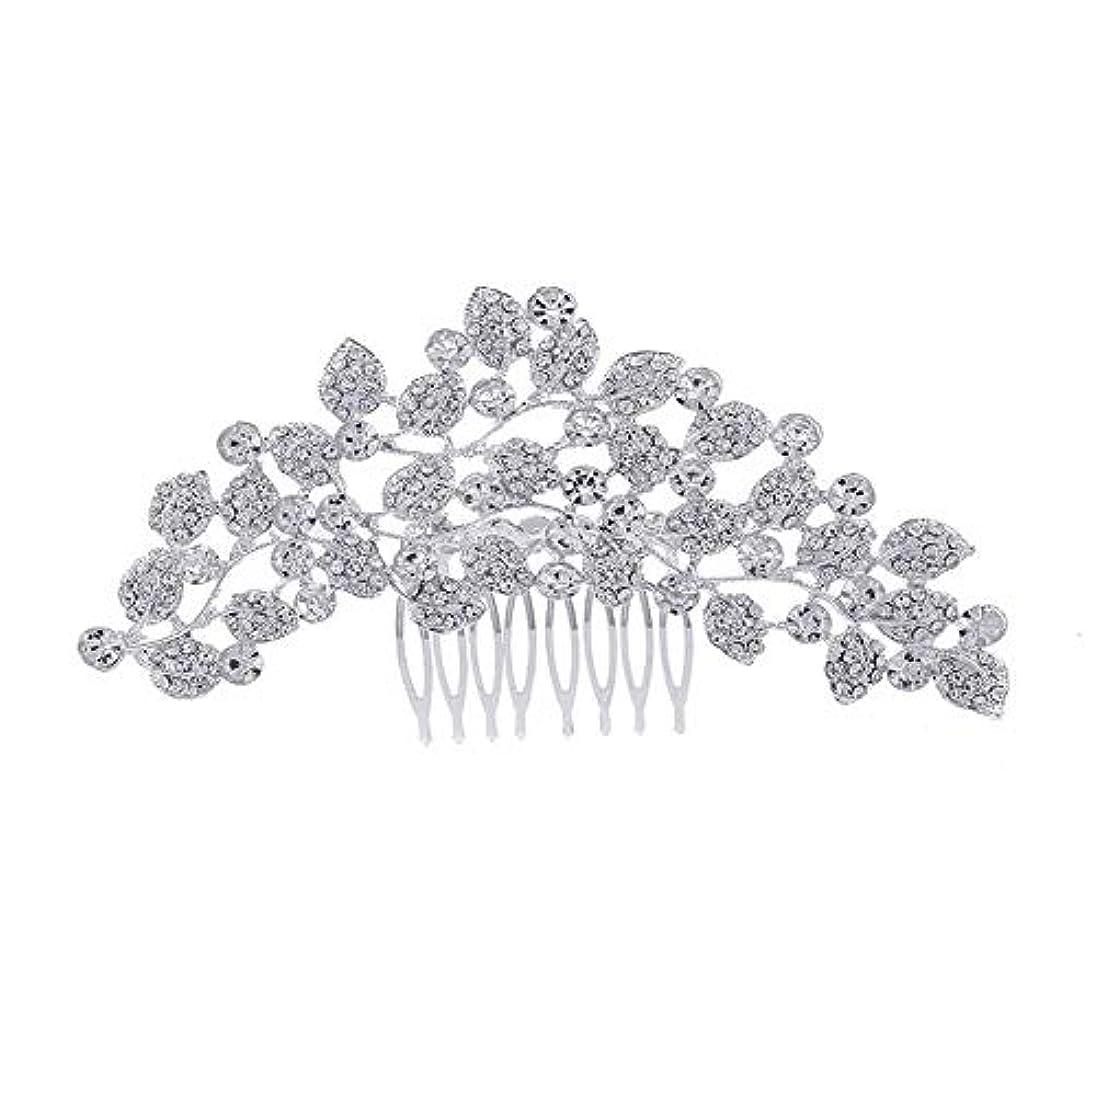 幾分スキャングリーンランド髪の櫛、櫛、ブライダル髪、櫛、髪の櫛、ラインストーンの櫛、葉の髪の櫛、結婚式の髪の櫛